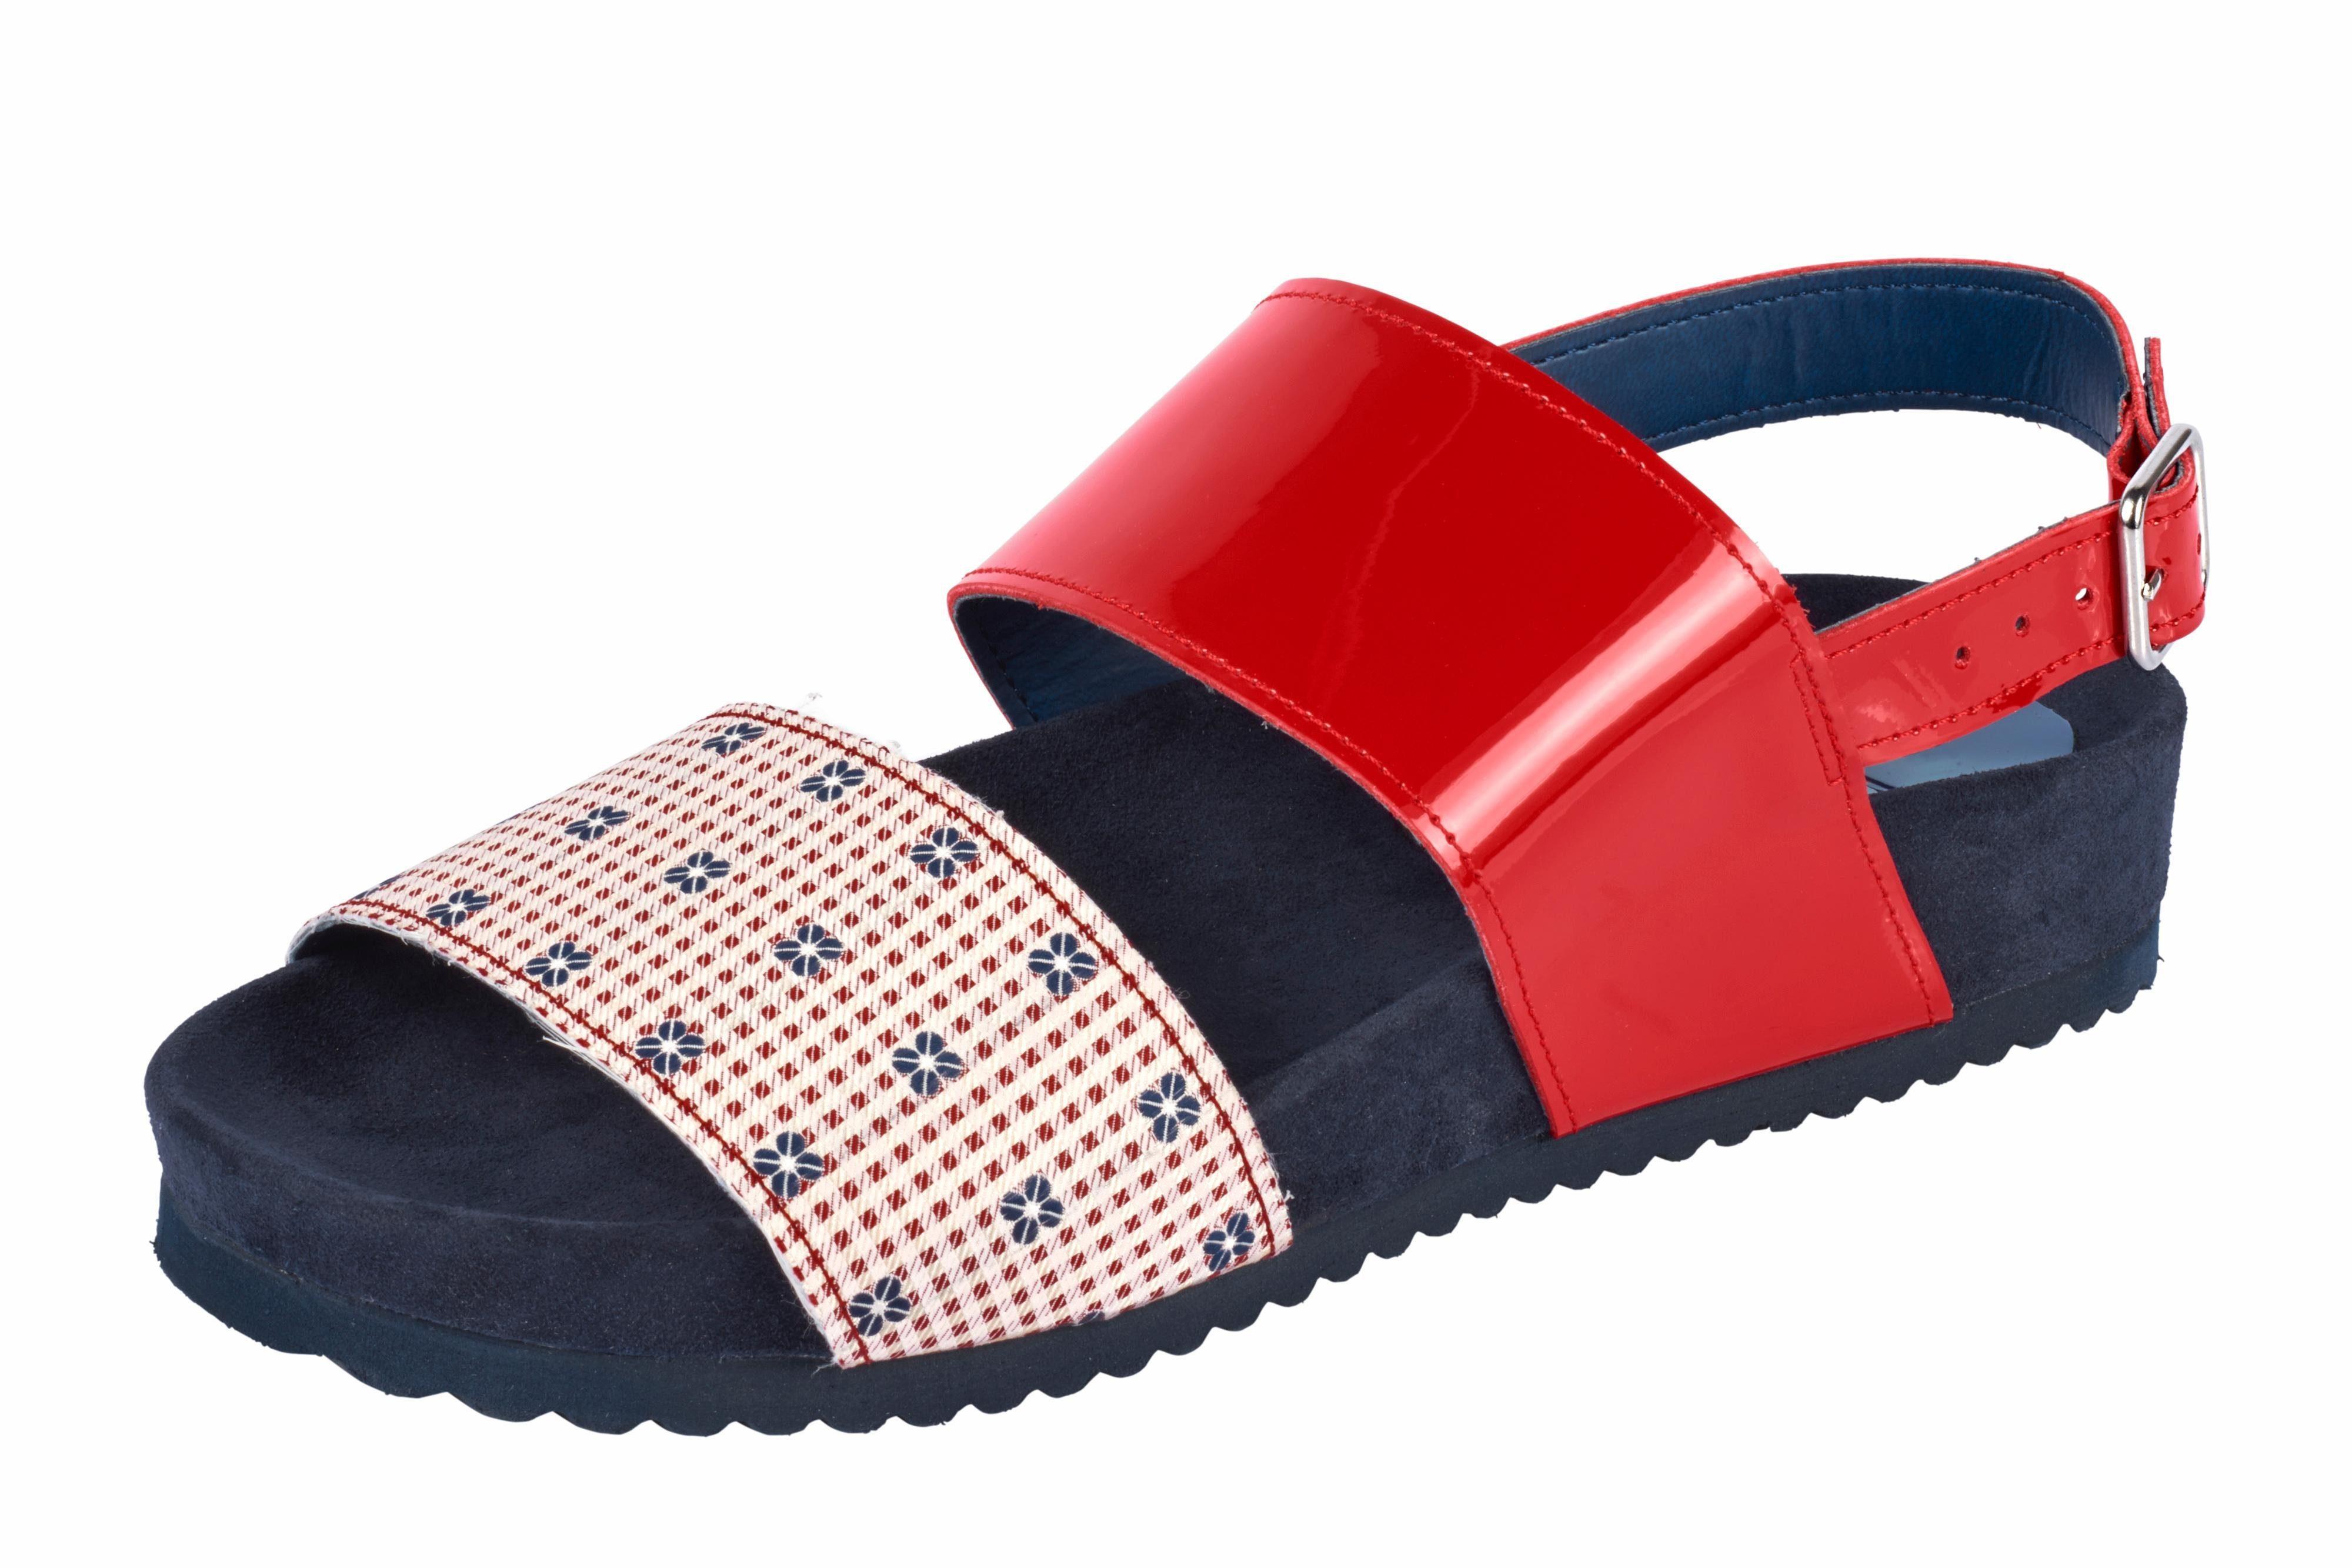 Heine Sandalette im Materialmix online kaufen  rot#ft5_slash#marine